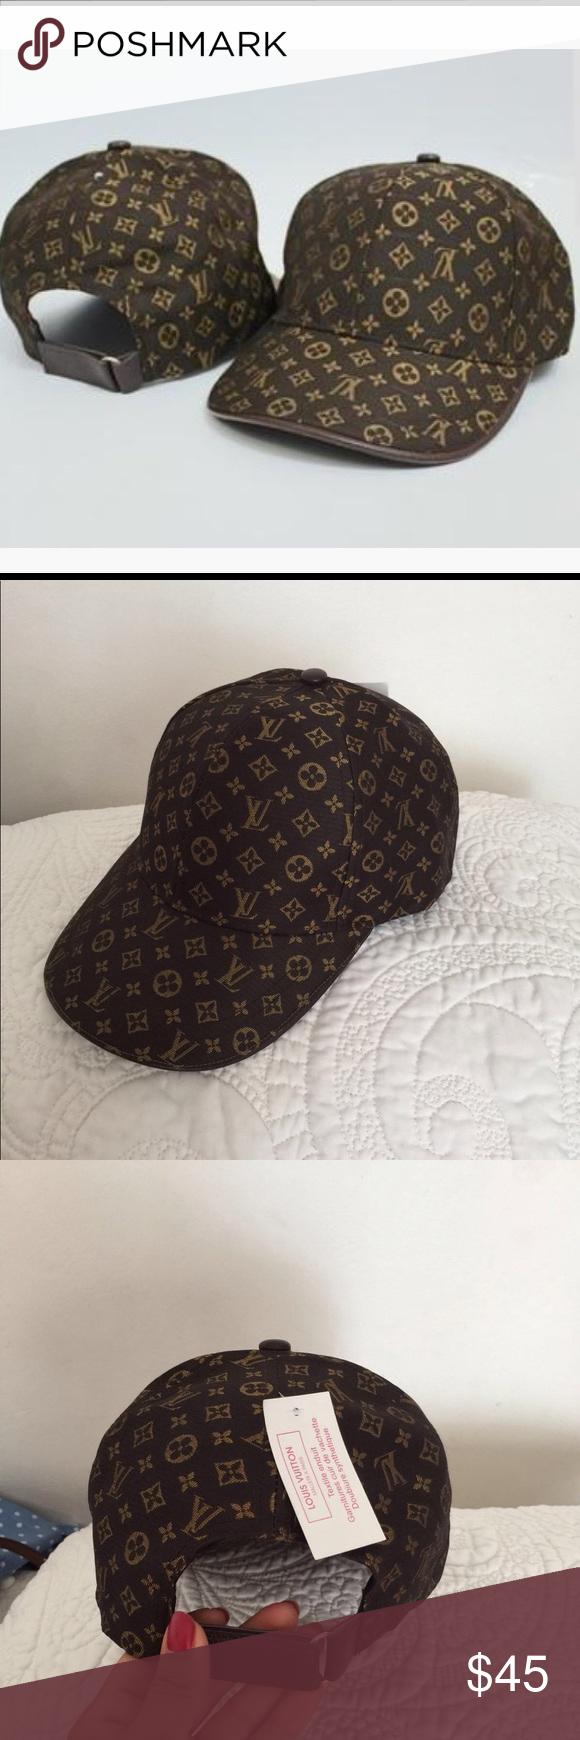 b8e45f576 NWT LV hat USA 2017 New Hat, can wear man or woman, it's adjustable ...